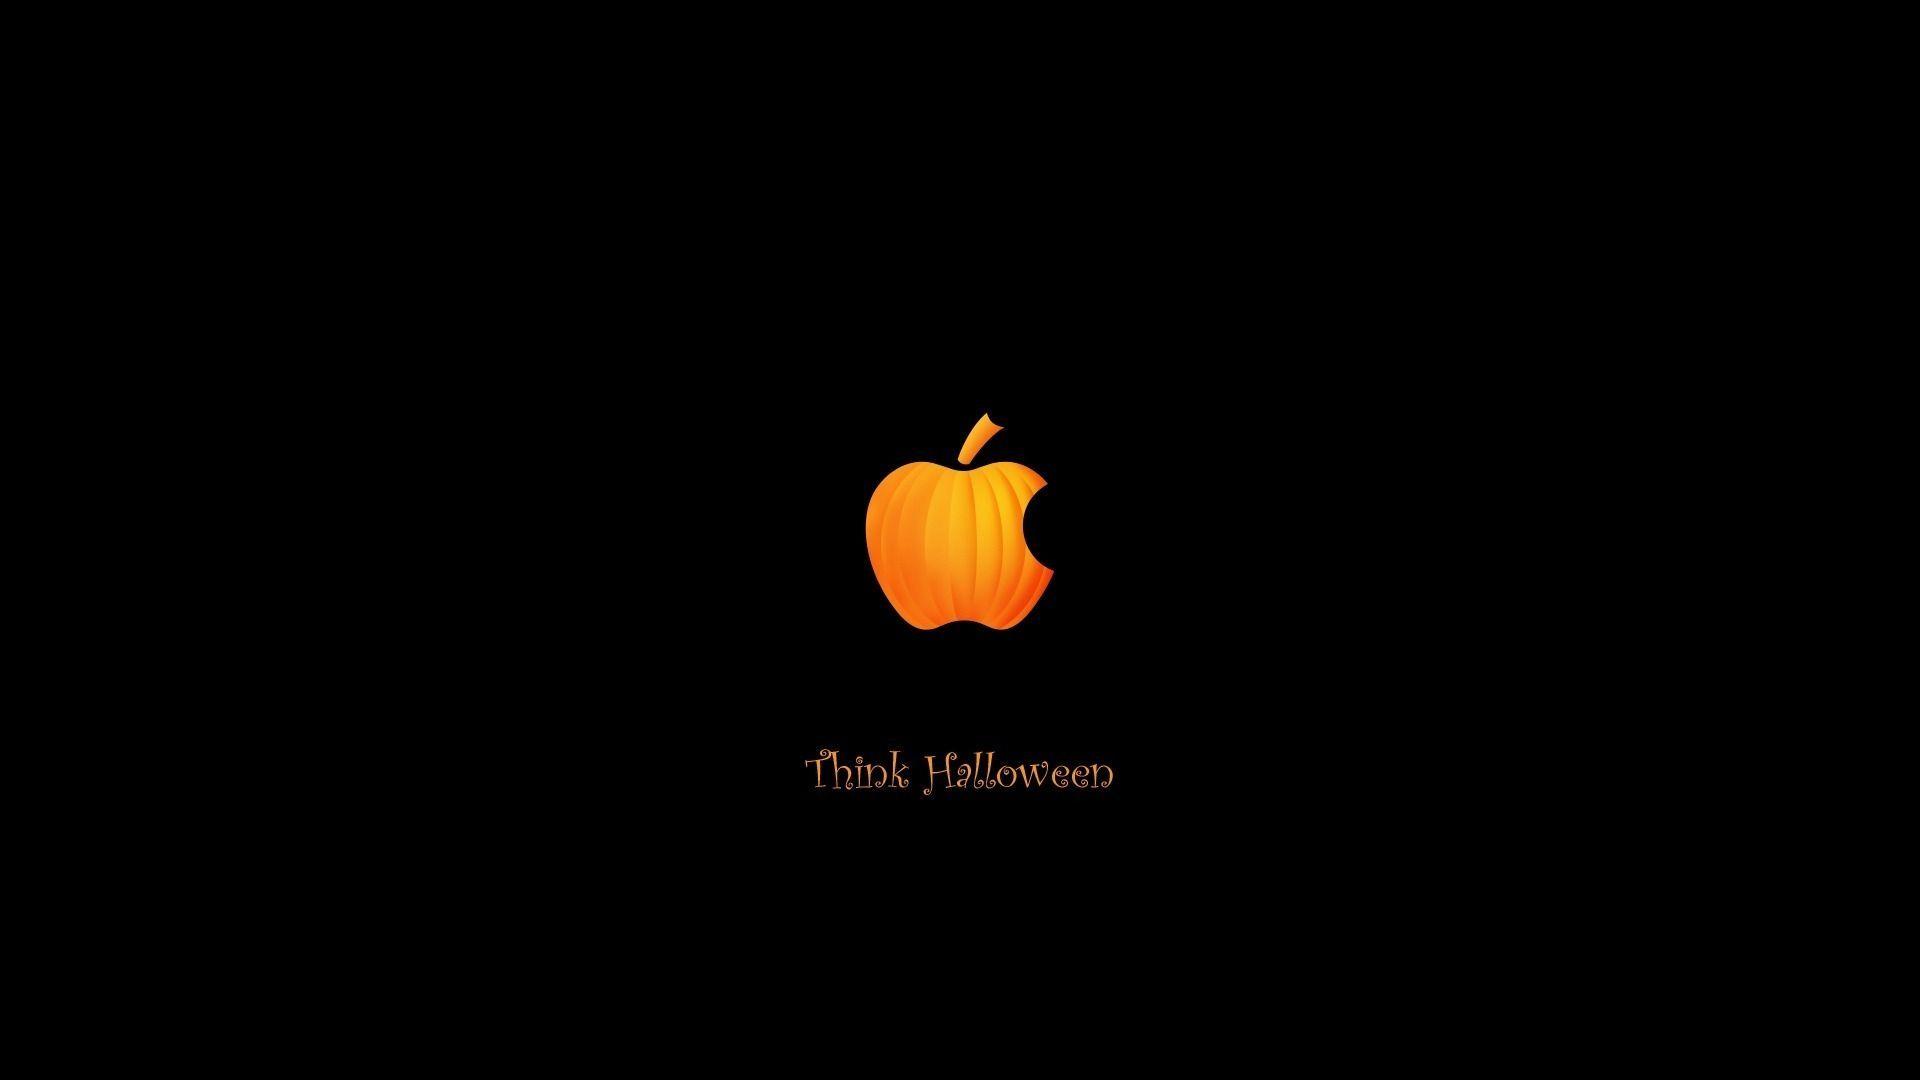 Image Result For Macbook Desktop Backgrounds Halloween Macbookde Halloween Wallpaper Iphone Backgrounds Halloween Desktop Wallpaper Macbook Desktop Backgrounds